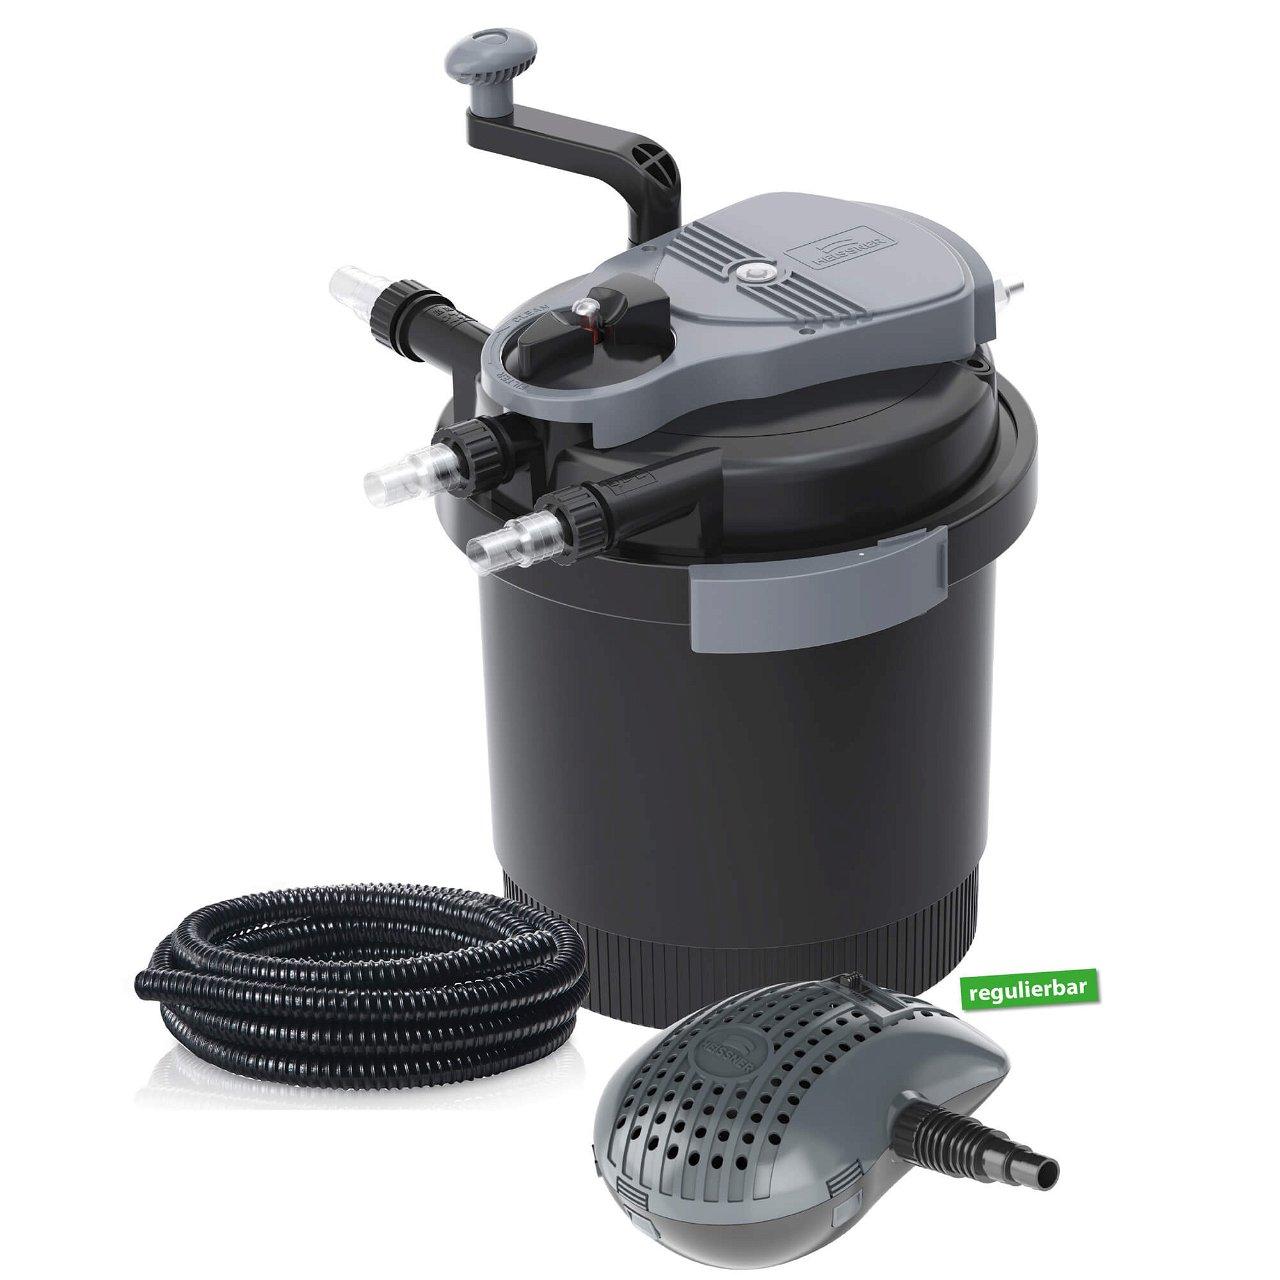 Heissner Druchfilter Set HLF4000-00 inkl. 7 Watt UV-C Teichklärer